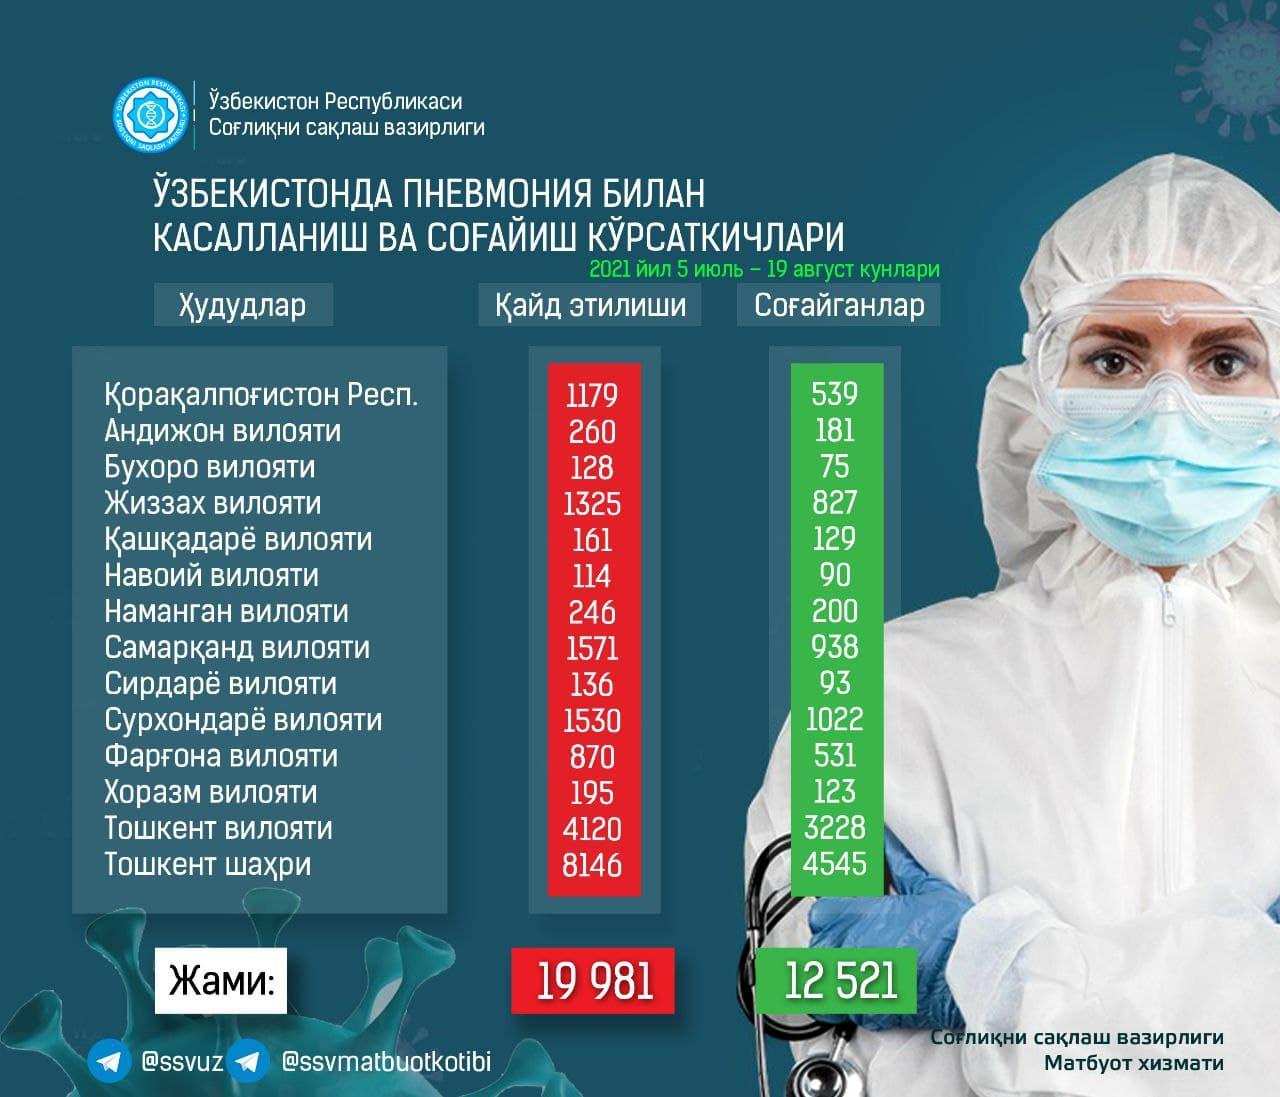 Минздрав обновил статистику по зараженным пневмонией в Узбекистане